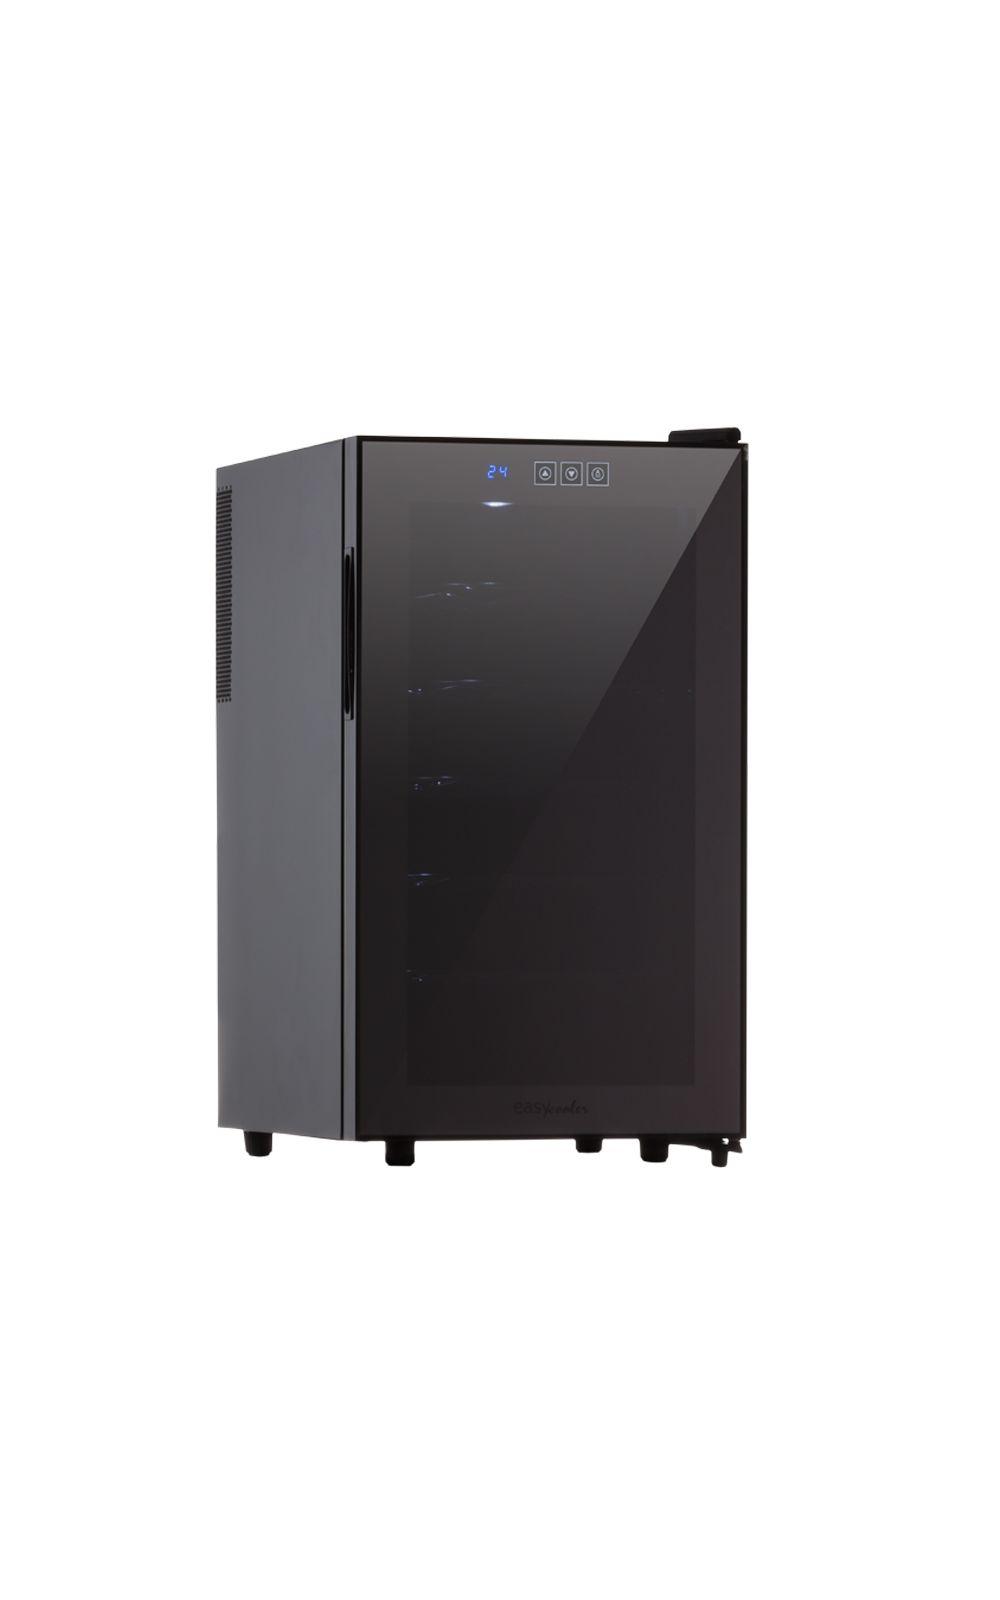 Foto 1 - Adega de Vinho 18 Garrafas Termoelétrica JC-48g 220V Easy Cooler Preta